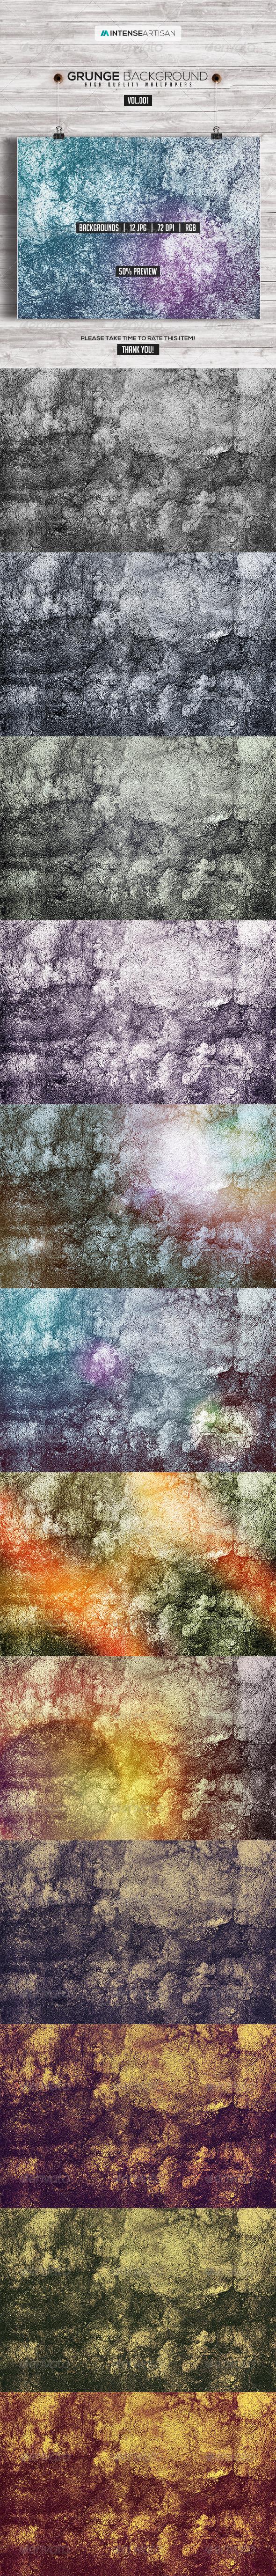 GraphicRiver 12 Grunge Background Vol.1 7837677